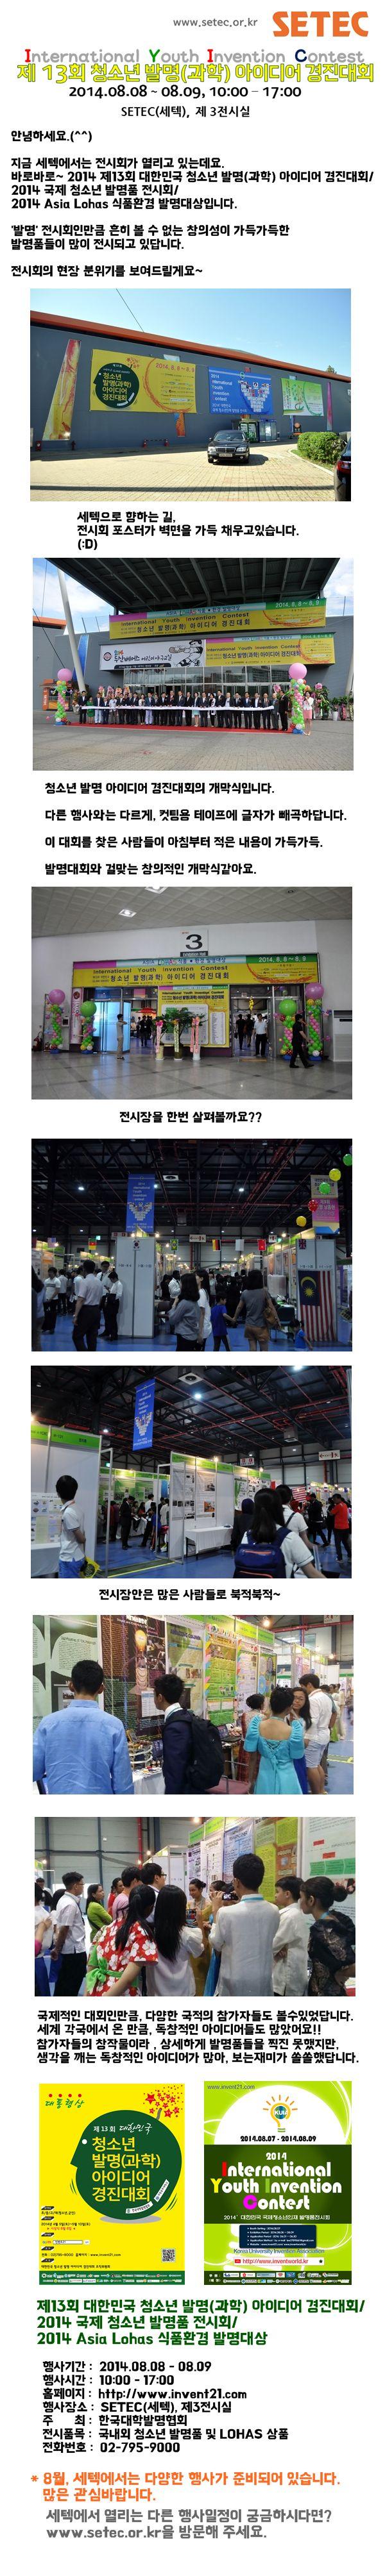 [2014.08.08 - 08.09] SETEC에서는  2014 제13회 대한민국 청소년 발명(과학) 아이디어 경진대회/ 2014 국제 청소년 발명품 전시회/ 2014 Asia Lohas 식품환경 발명대상이 개최됩니다. 많은 관심바랍니다.